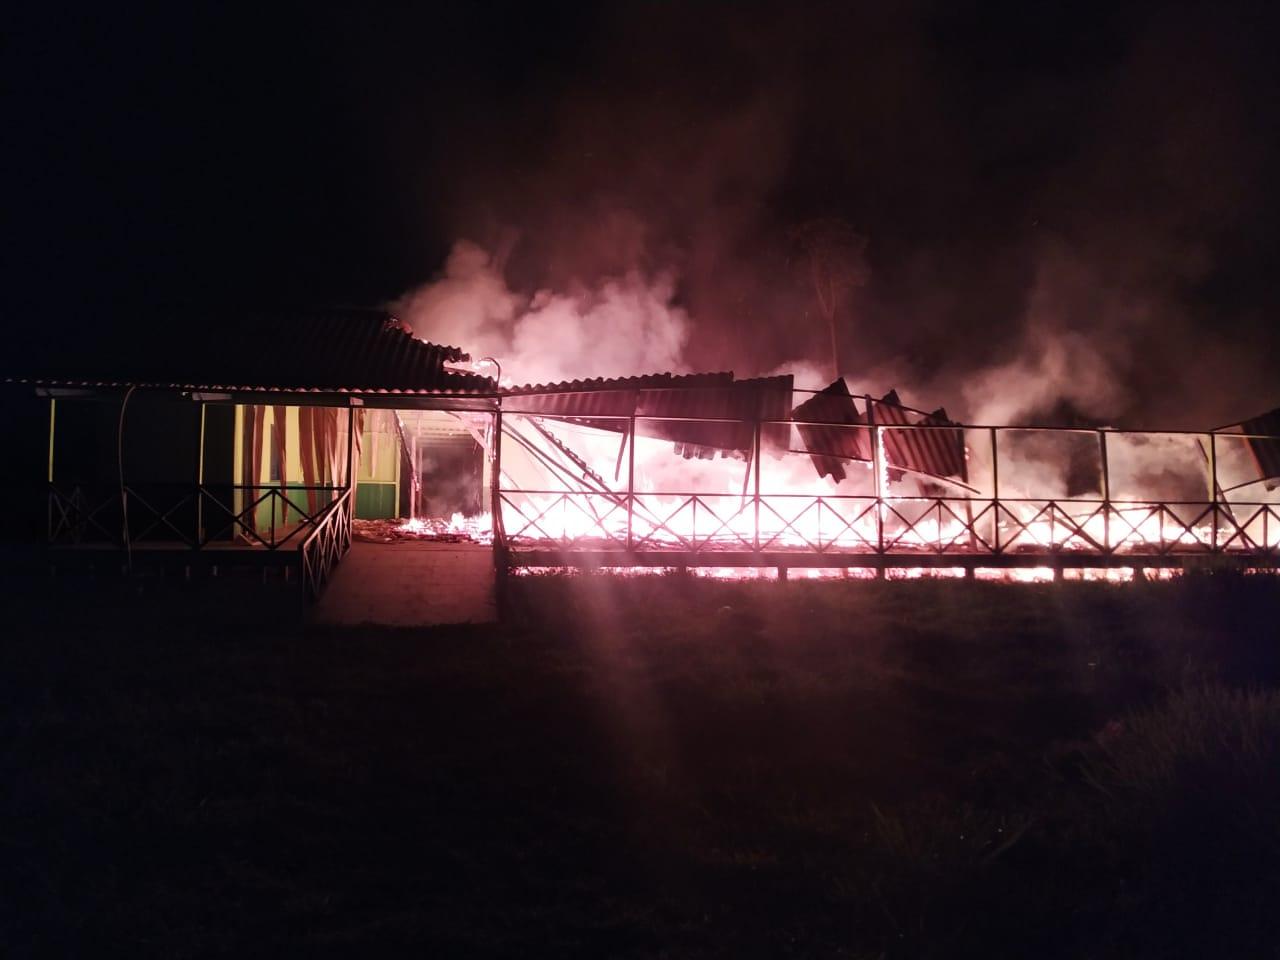 Após prisões de faccionados, escola em Sena Madureira é alvo de incêndio criminoso